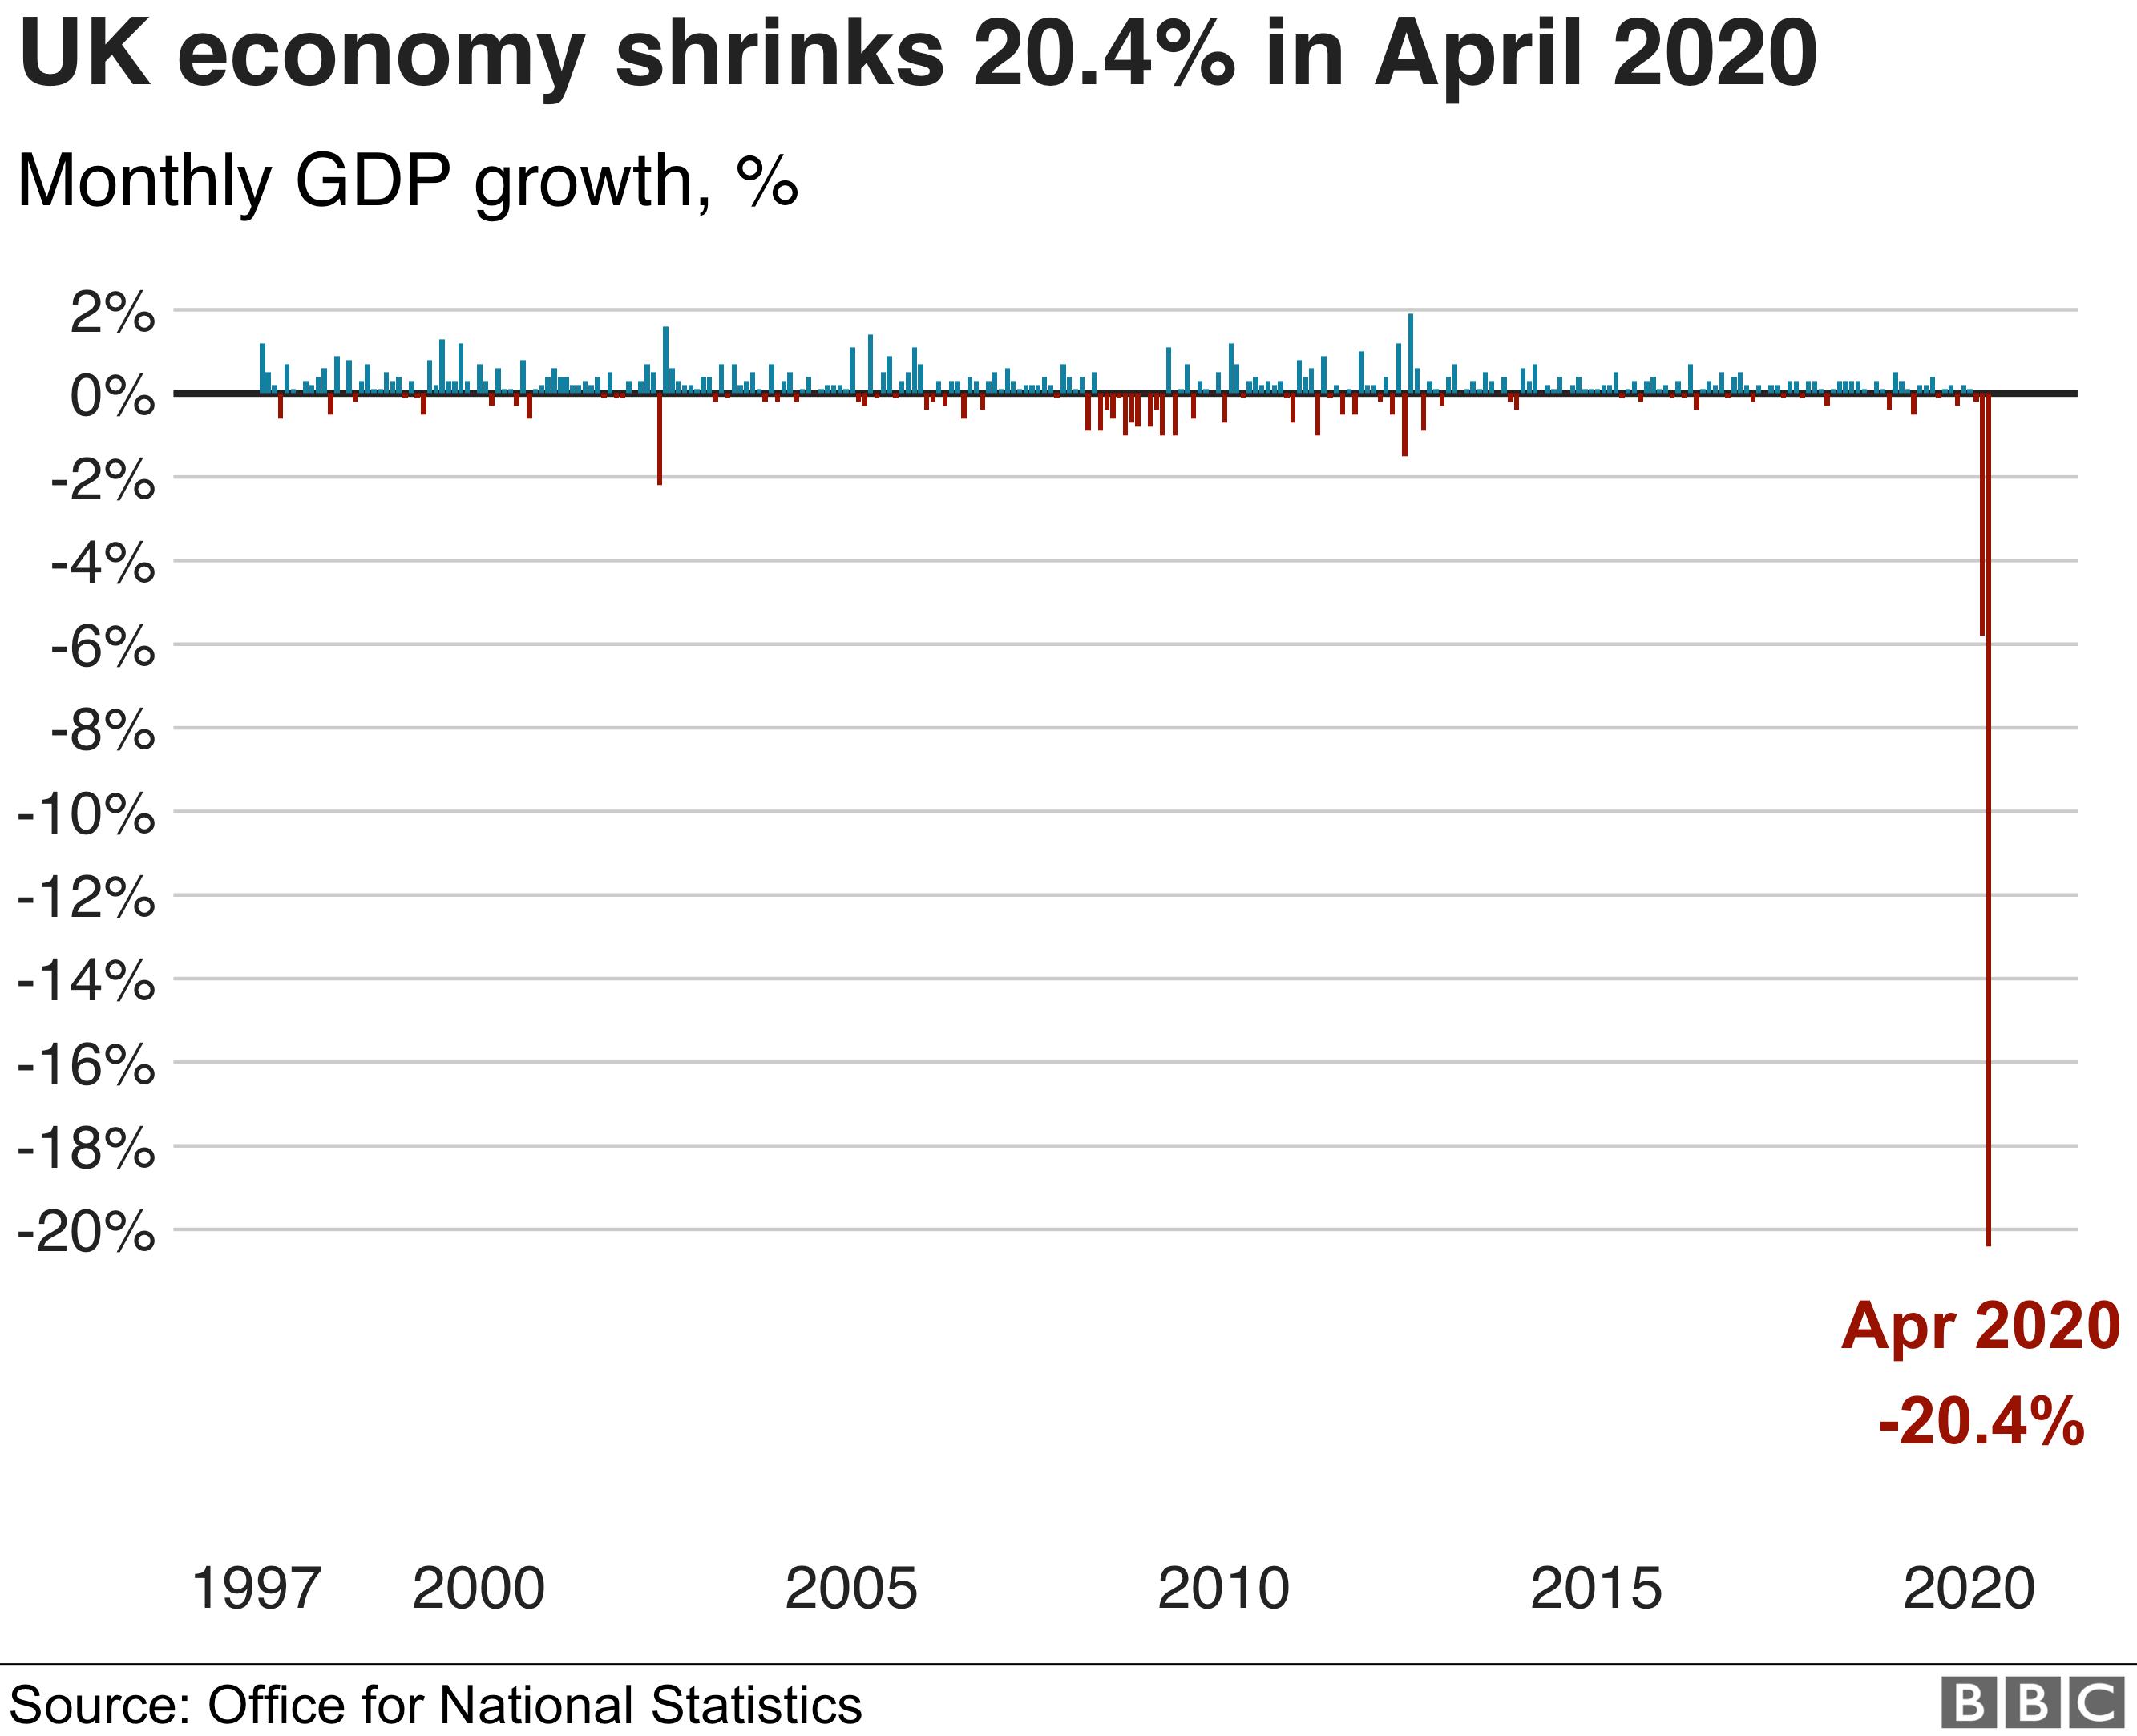 ロック ダウン と は 経済